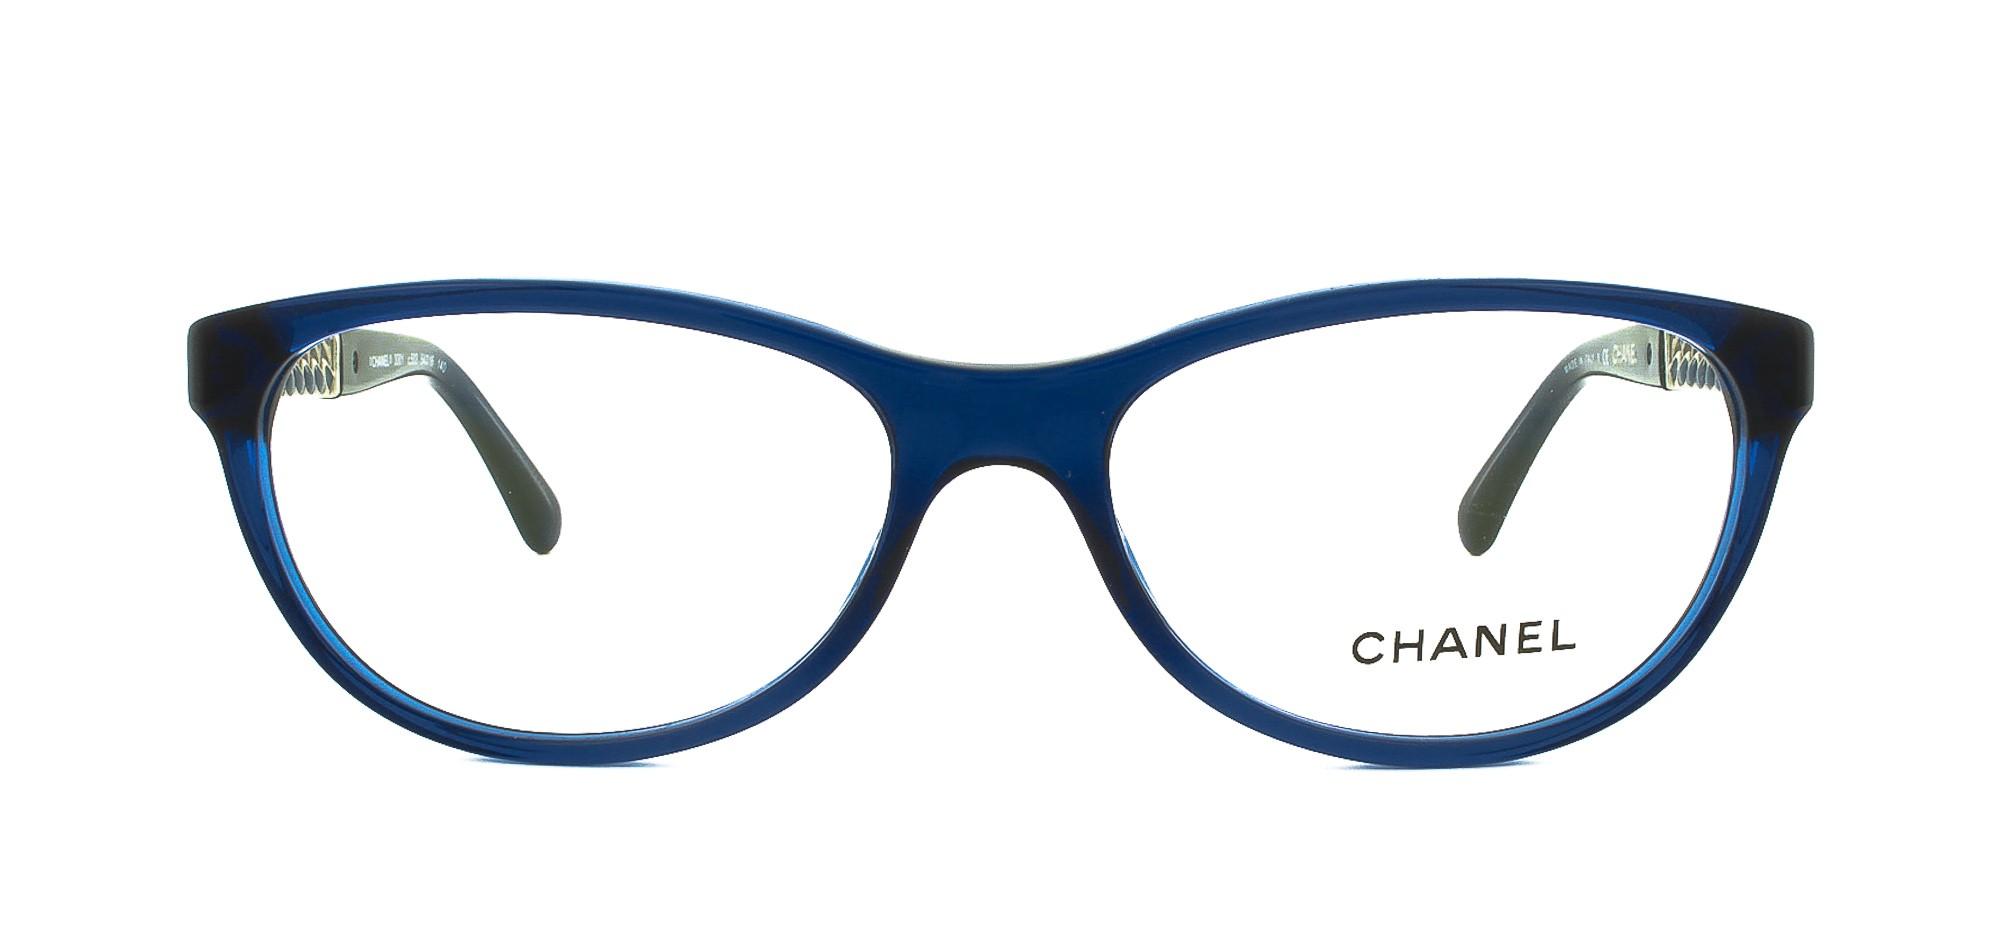 CHANEL 3301 503